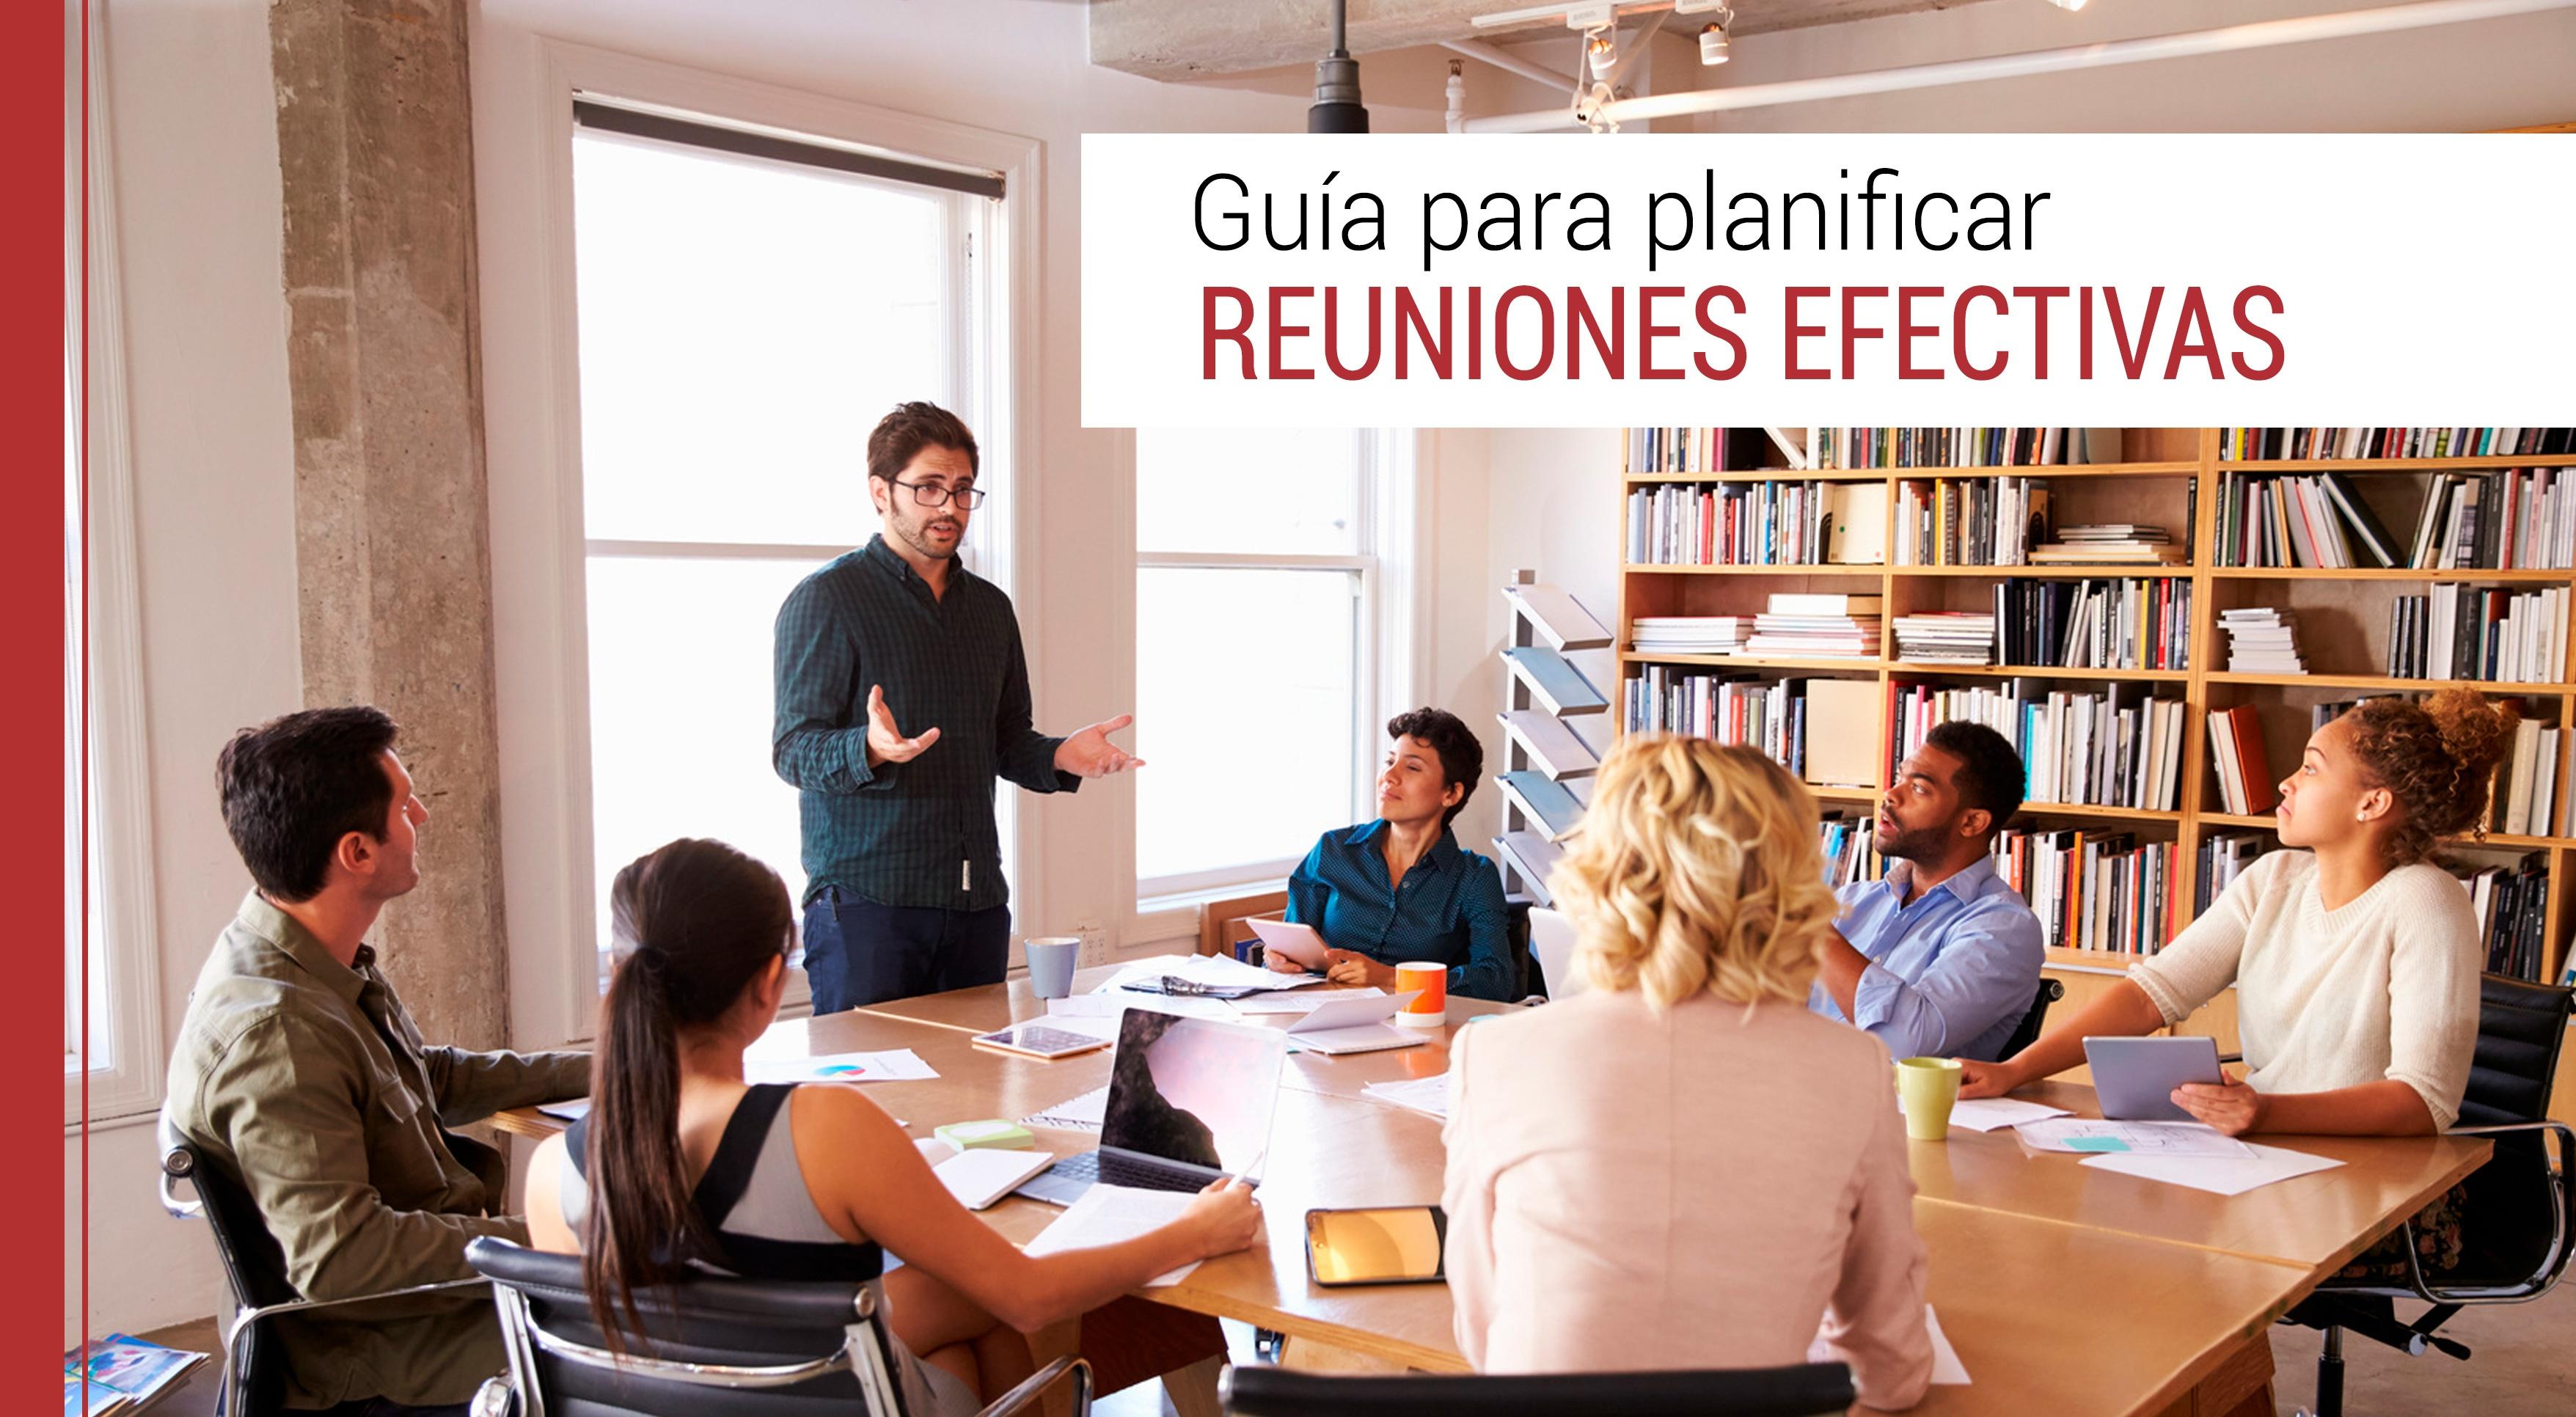 guia-reuniones-de-trabajo-efectivas.jpg